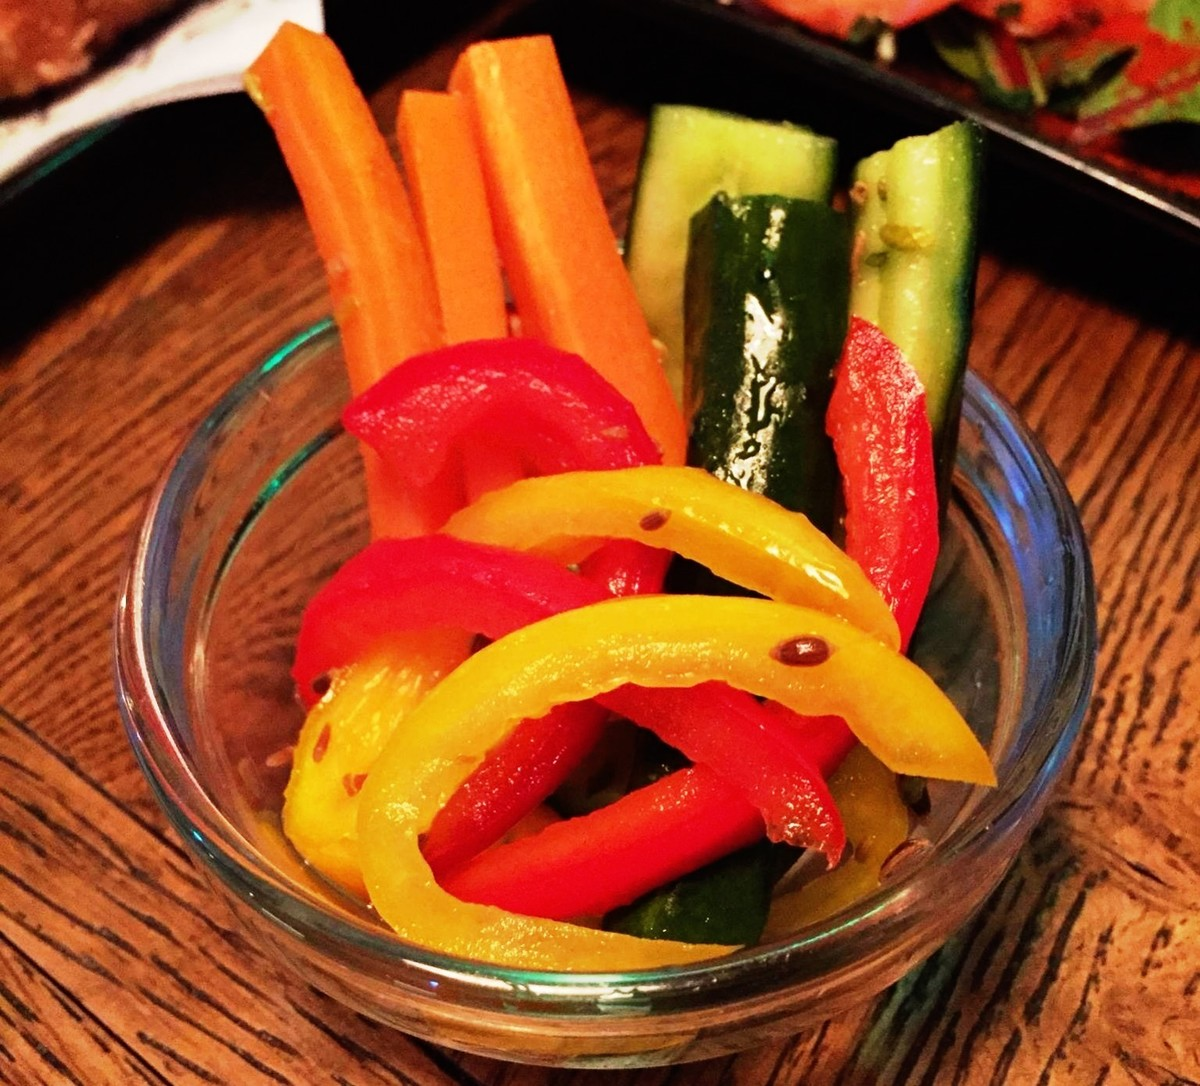 【Homemade】 Pickles